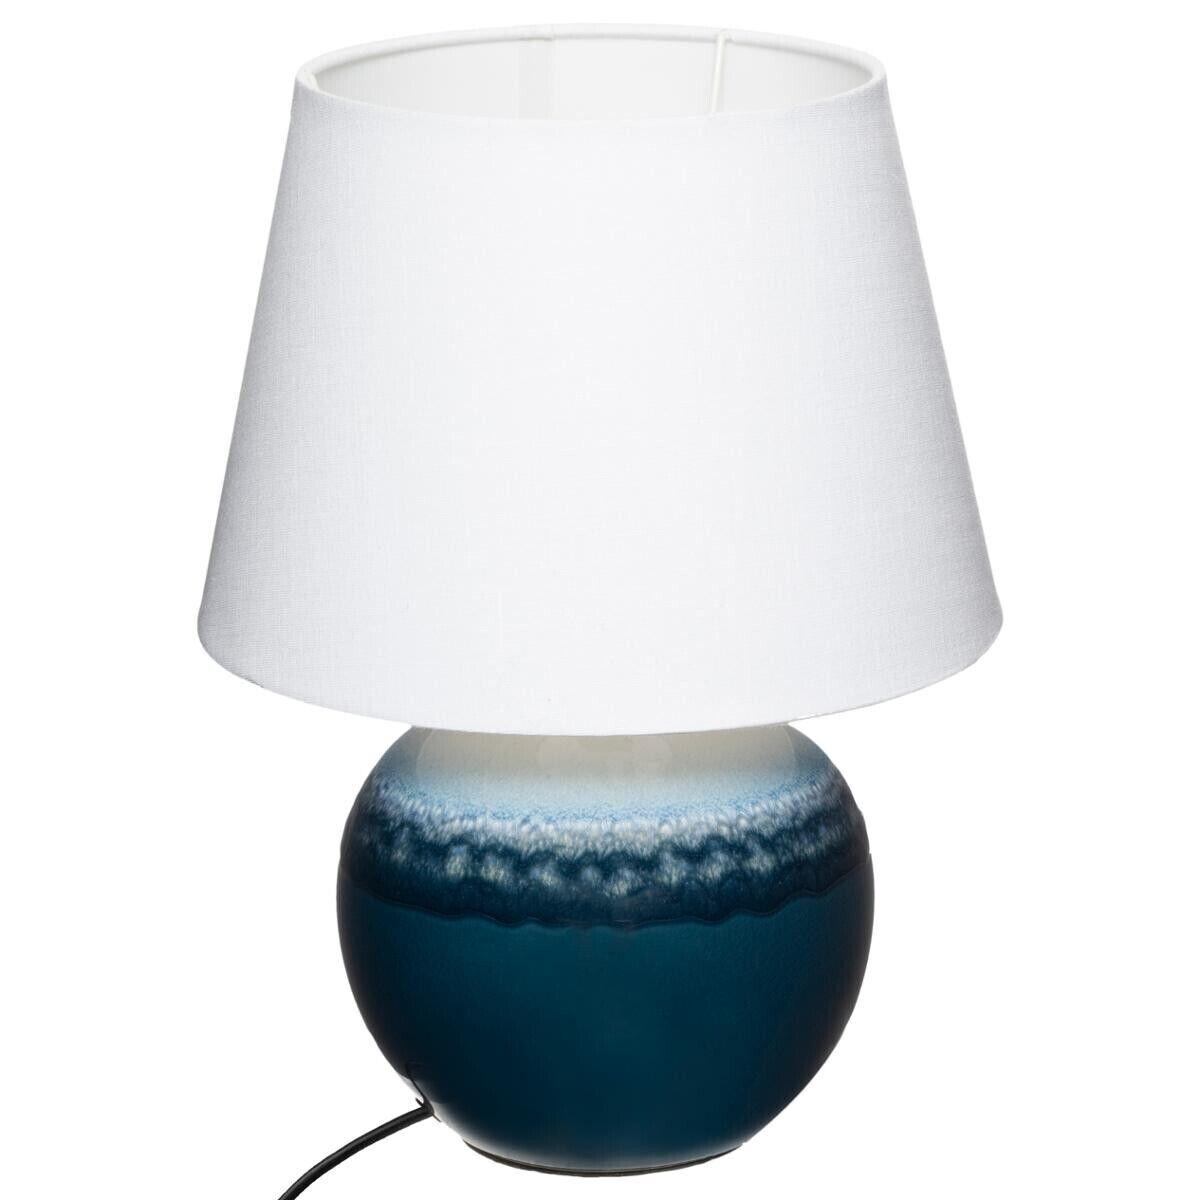 Atmosphera Lampe boule, bleu et blanc, céramique H37 cm